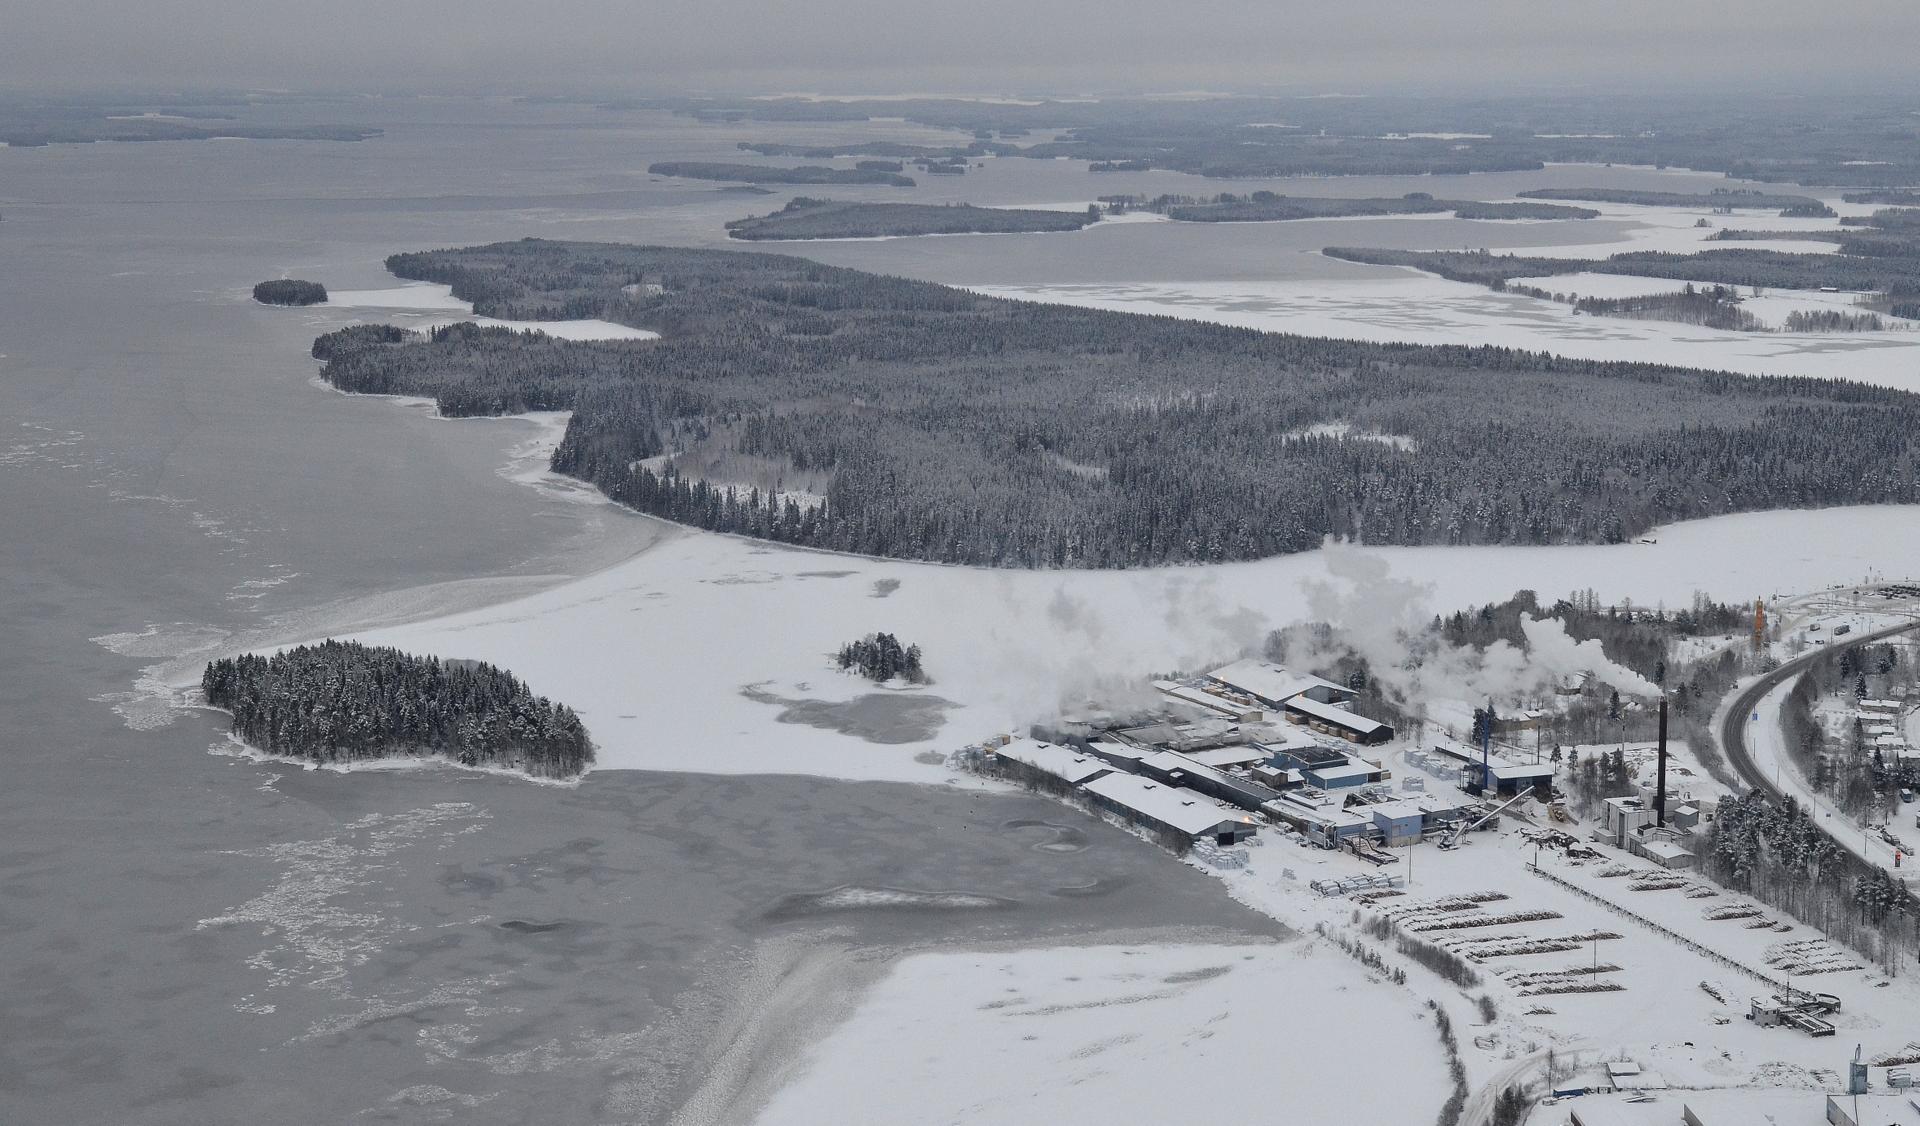 Suovanselällä pari pientä sulaa kaistaletta, muuten jäässä 17.12.2017